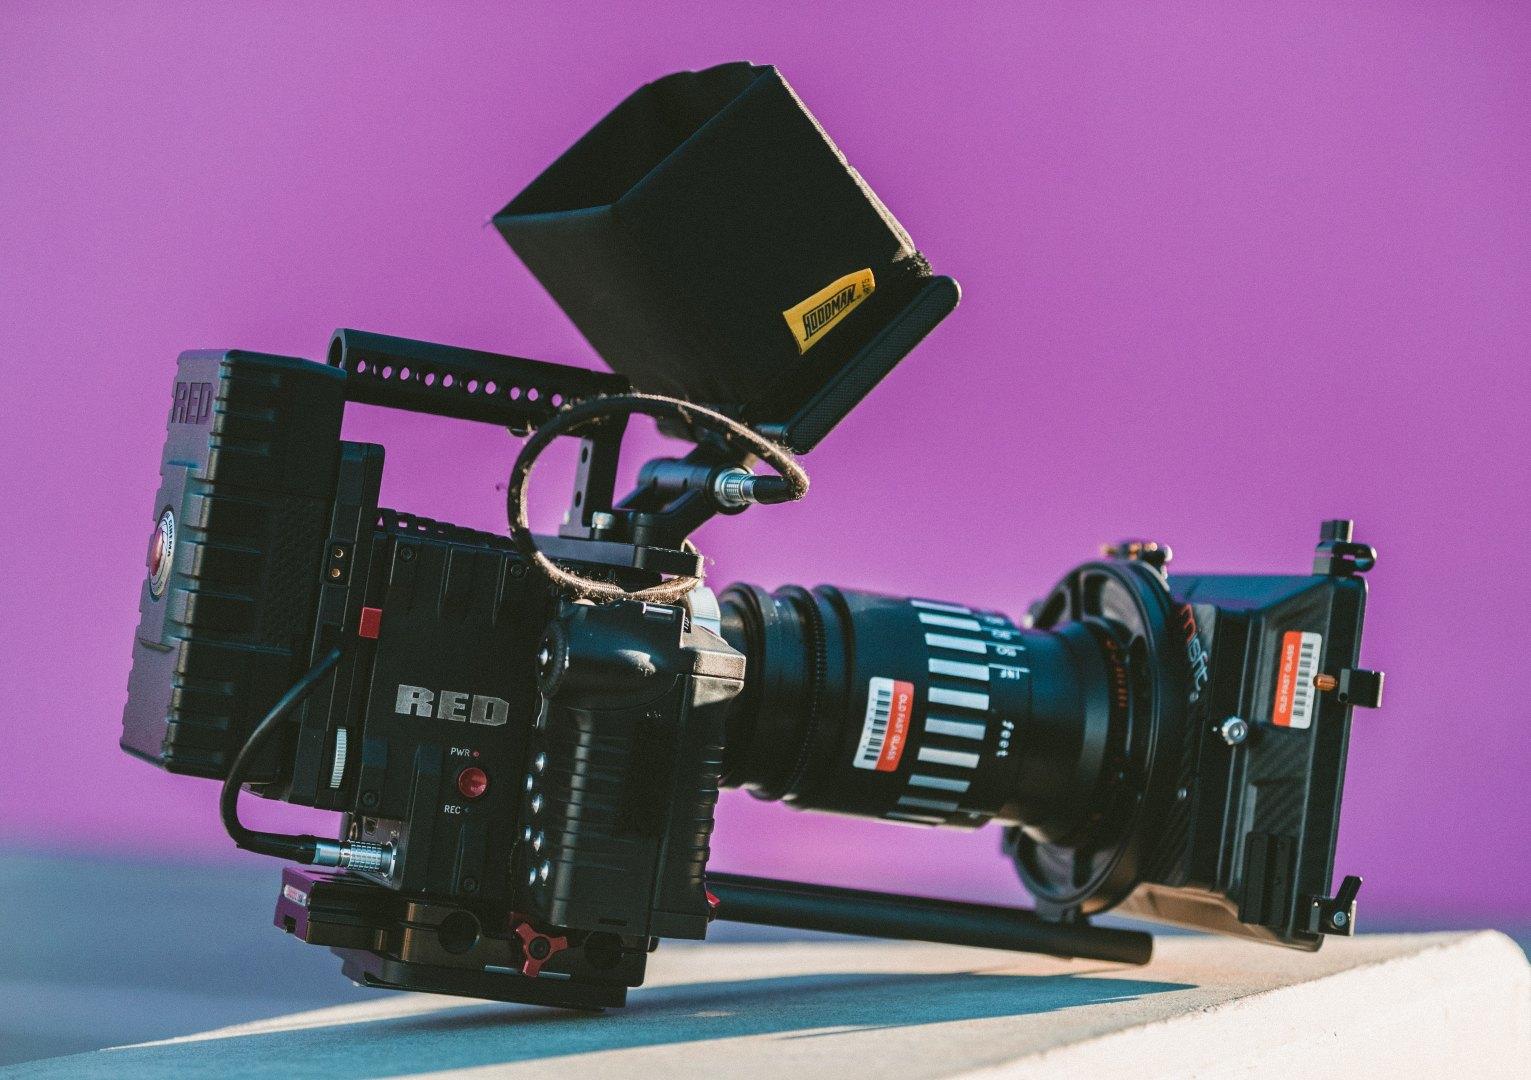 Red Kamera für 4K Produktionen